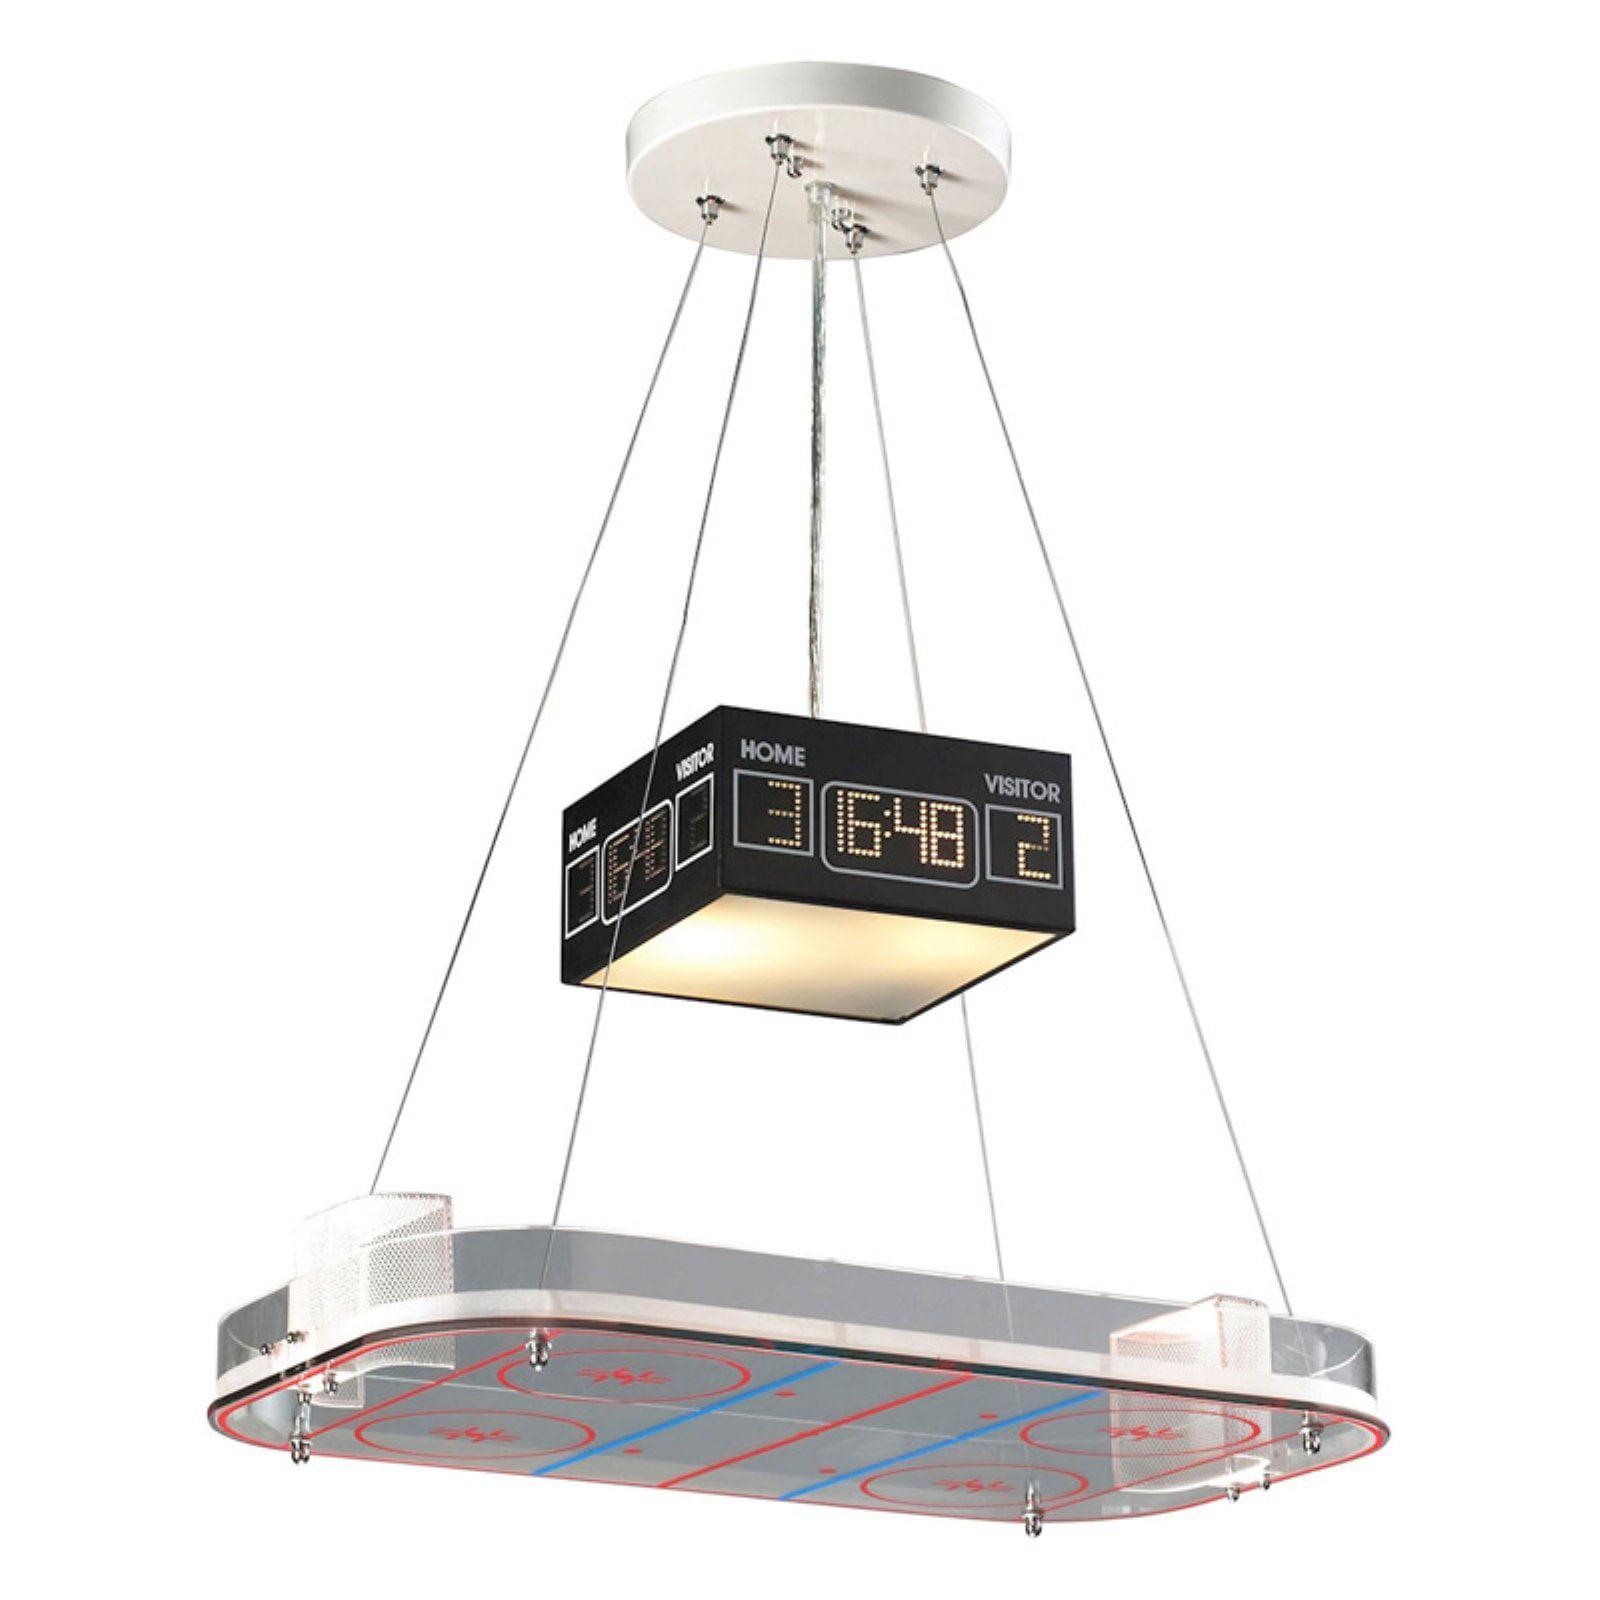 Elk Lighting Novelty 5138 LED 2 Light Hockey Rink Pendant